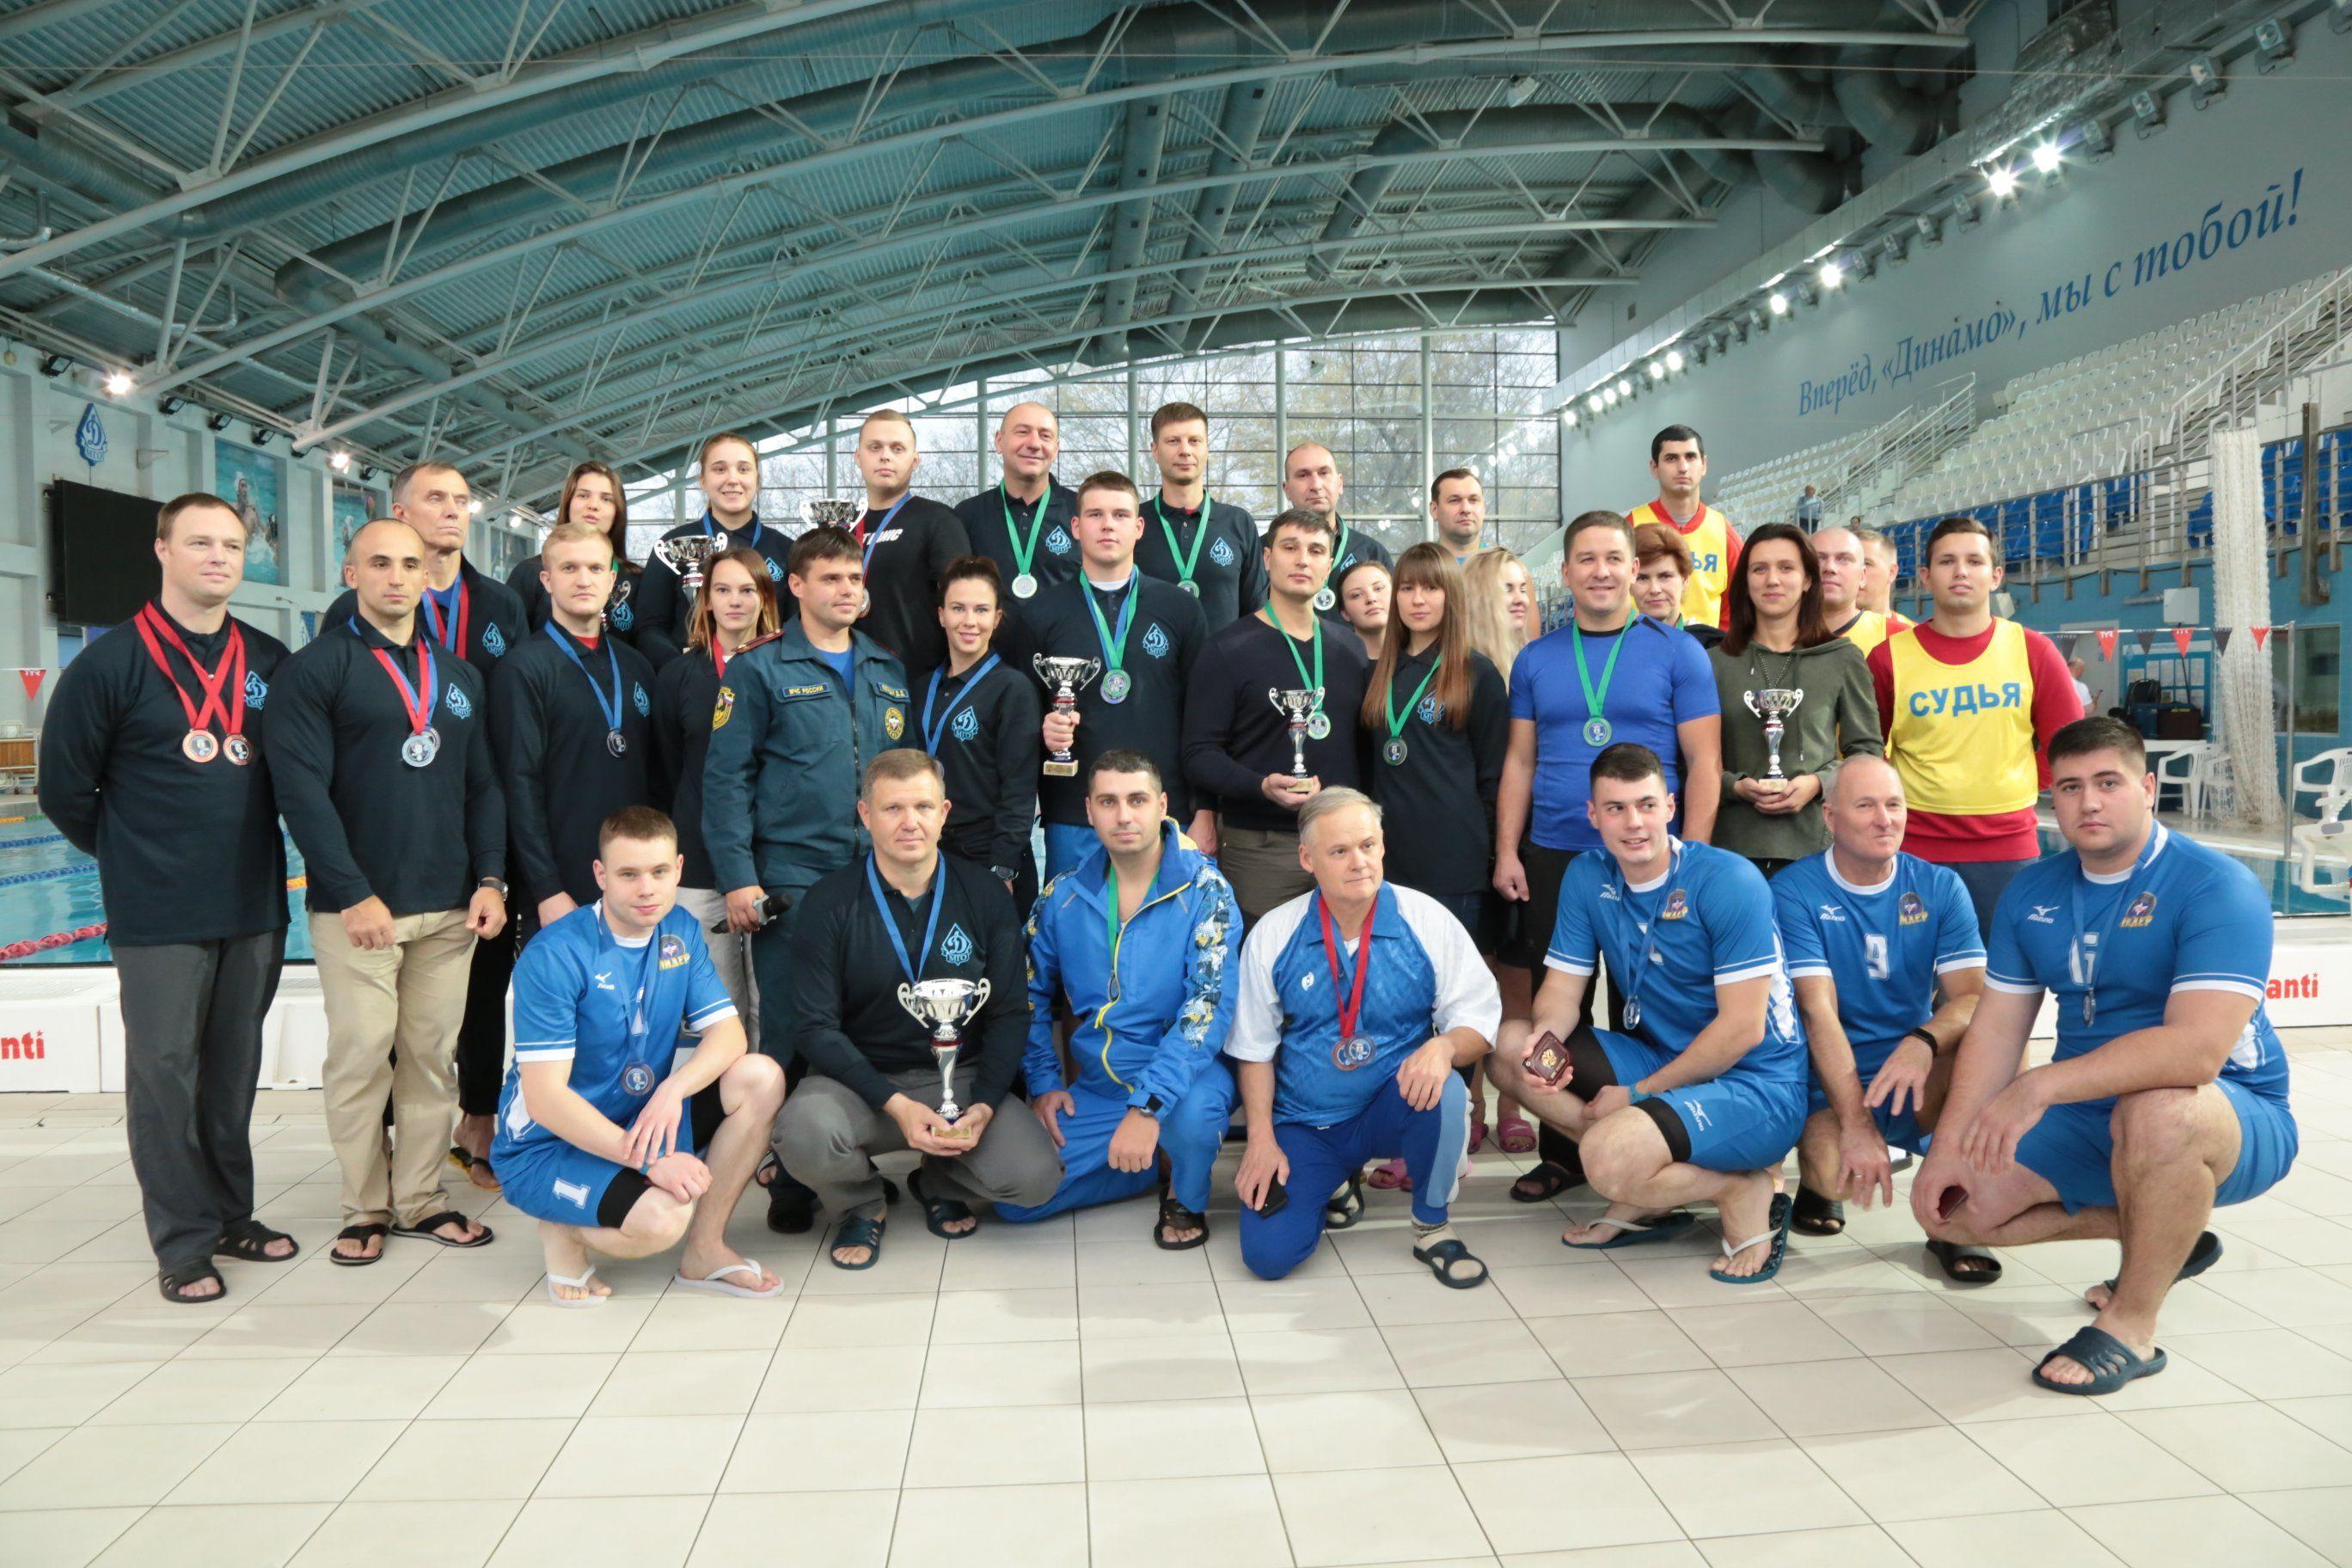 Команда Департамента ГОЧСиПБ заняла первое место в соревнованиях по плаванию в общекомандном зачете